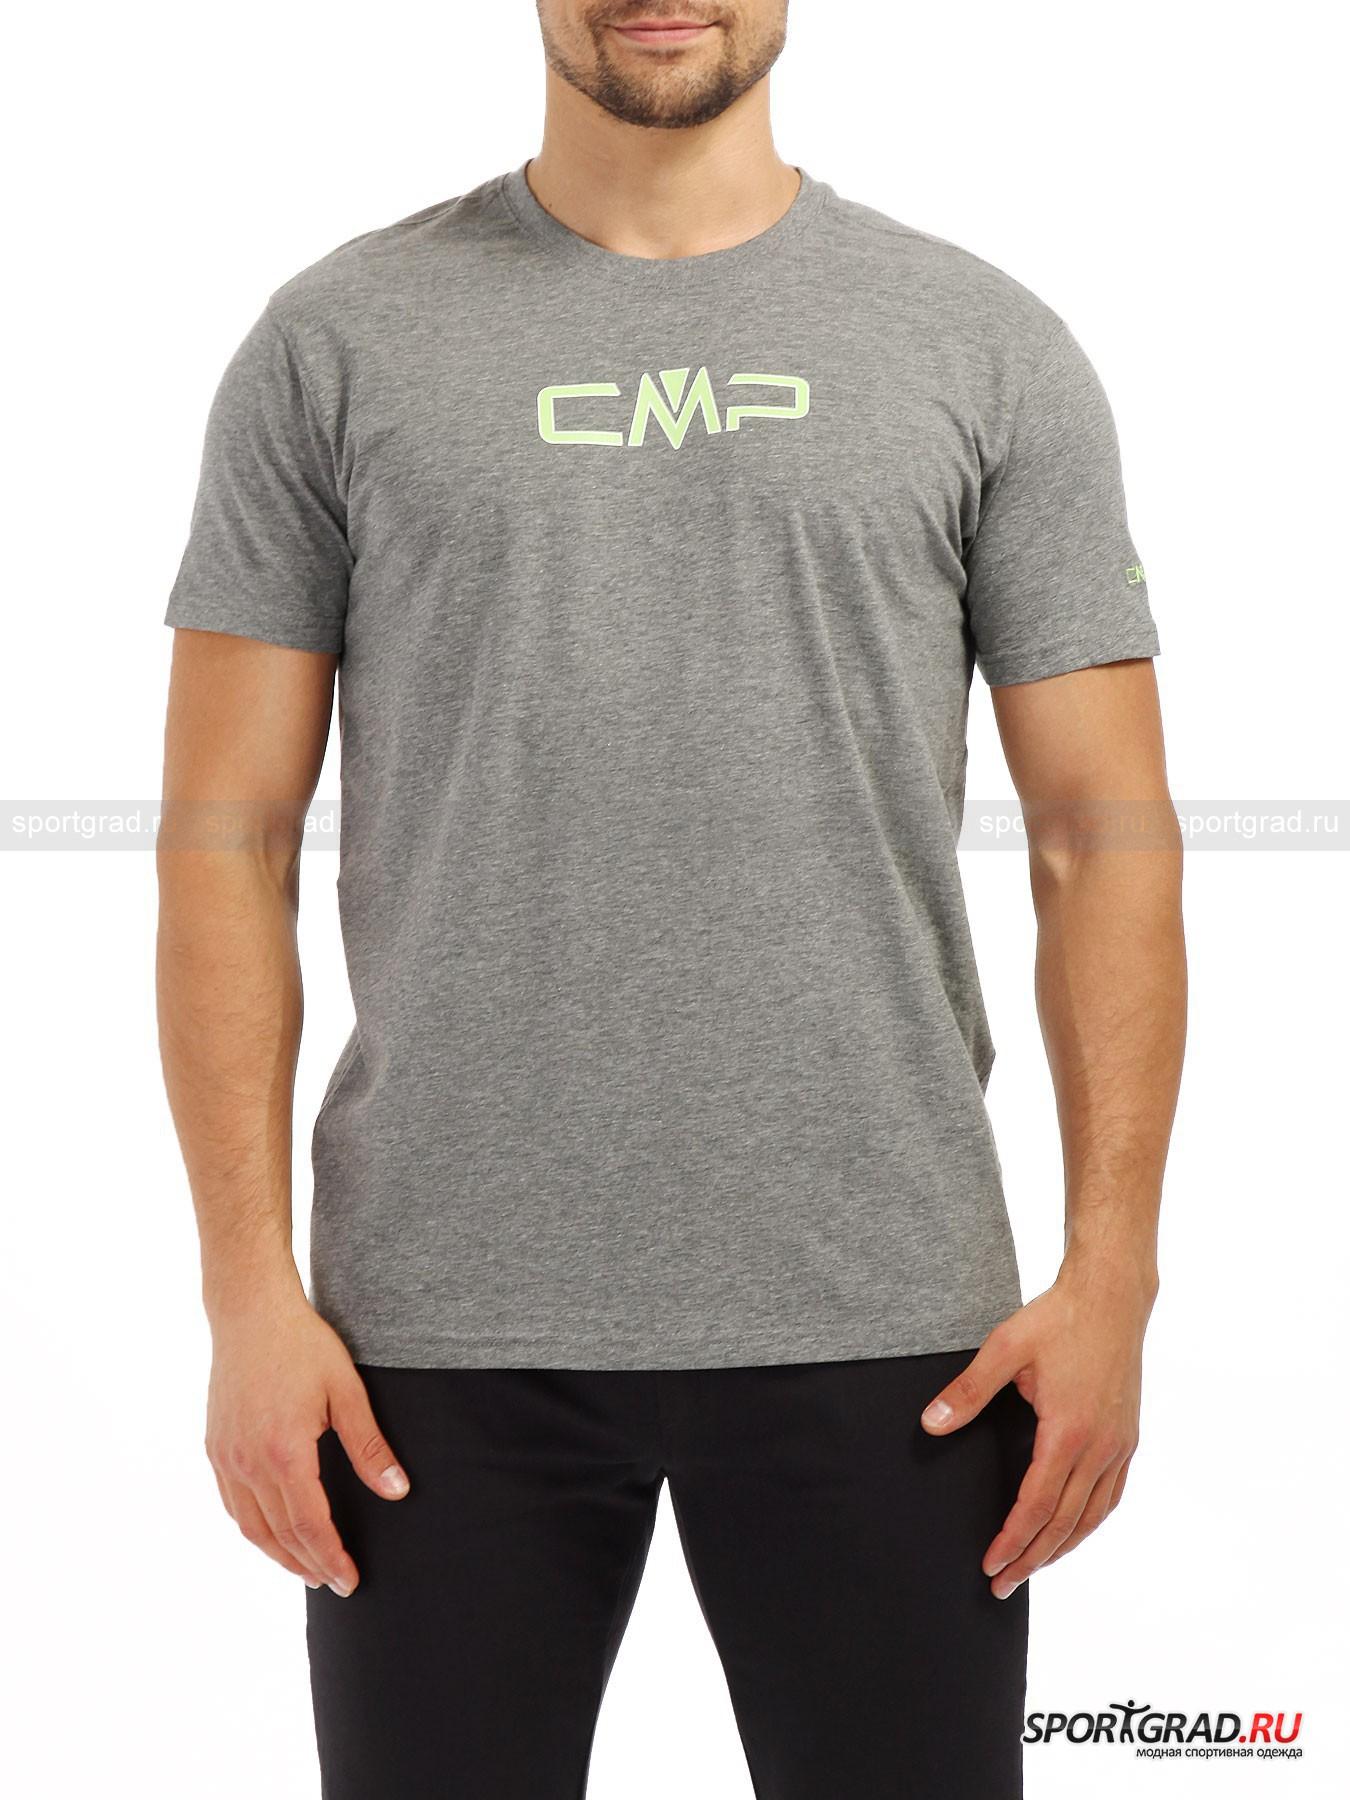 Футболка мужская  CAMPAGNOLO STRETCHФутболки<br>Что может быть проще и что может быть нужнее летом, чем футболка. Без нее никуда, но важно, чтобы футболка не доставляла дискомфорта, сидела свободно и не заставляла изрядно потеть. Всеми этими качествами обладает модель футболки от итальянского бренда одежды CAMPAGNOLO, изготовленная с применением технологии Stretch. Стрейч получается за счет добавления в основной материал изготовления эластана, который гарантирует эластичность одежды и благодаря этому износостойкость. На груди данной модели изображен путем нанесения принта крупный логотип CAMPAGNOLO. Такой же, но чуть меньший по размеру, расположен на плече и нанесен при помощи технологии вышивки.<br><br>Пол: Мужской<br>Возраст: Взрослый<br>Тип: Футболки<br>Рекомендации по уходу: Щадящая стирка при 40 С; отбеливание запрещено; сушка в барабане запрещена; сушка в вертикальном положении; отжим разрешен; гладить при температуре до 110 С; химчистка запрещена; разрешена щадящая аквачистка; при стирке не смешивать с изделиями других цве<br>Состав: 95% хлопок/5% эластан.